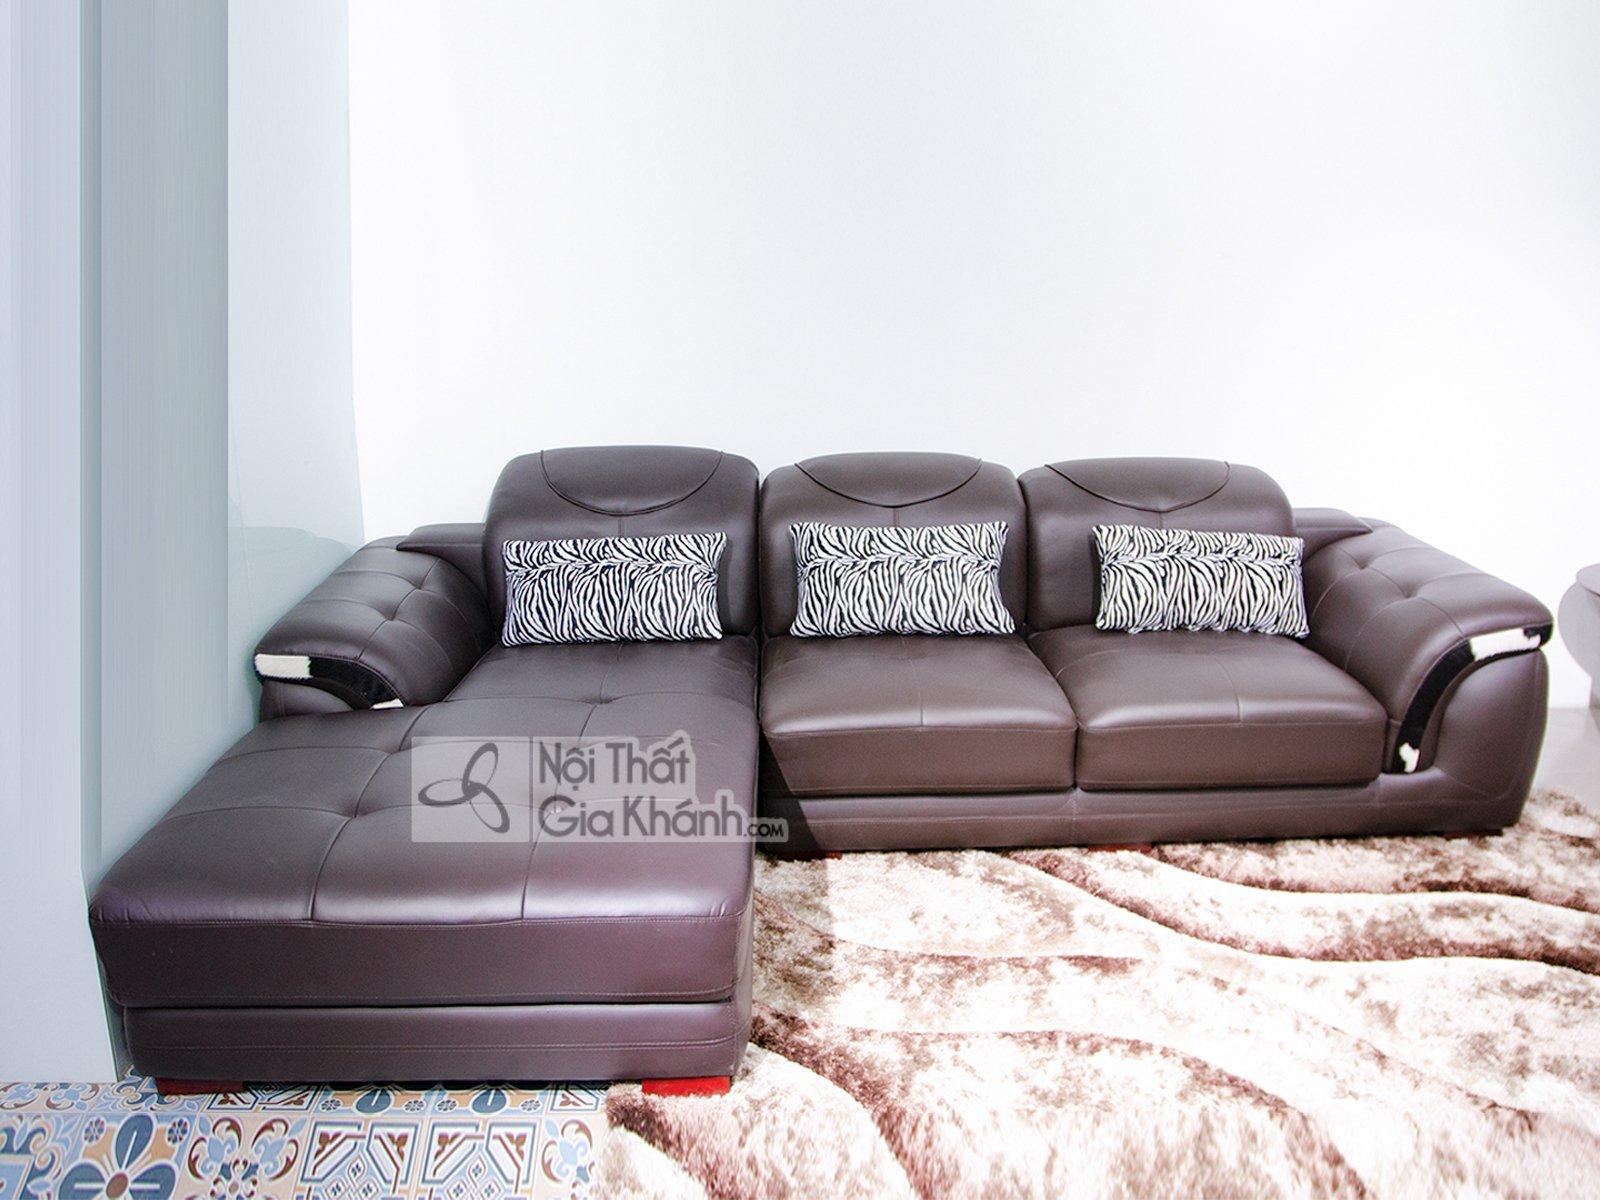 sofa gia dinh bang da 2 bang nau cafe goc phai 9194n sf 4 - Sofa da hiện đại cho phòng khách SP0919-2-A1